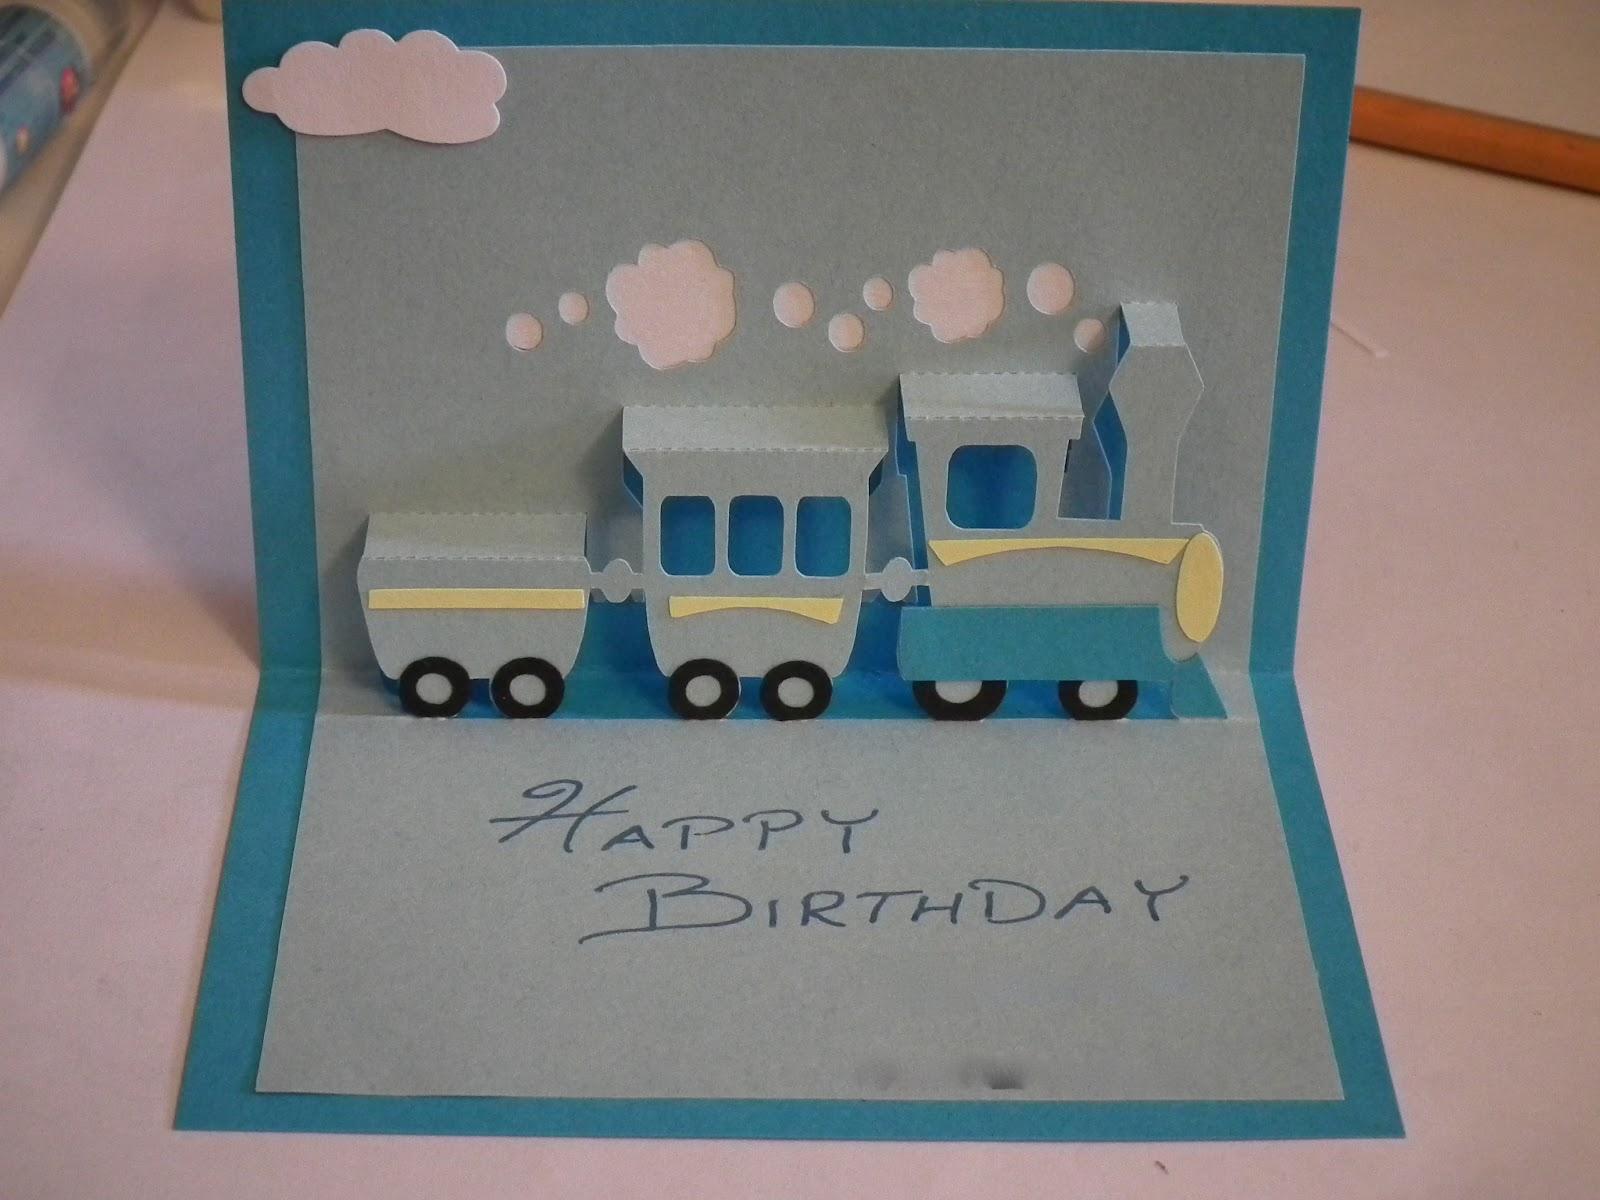 Crafty Card Tricks Pop Up Train Birthday Card